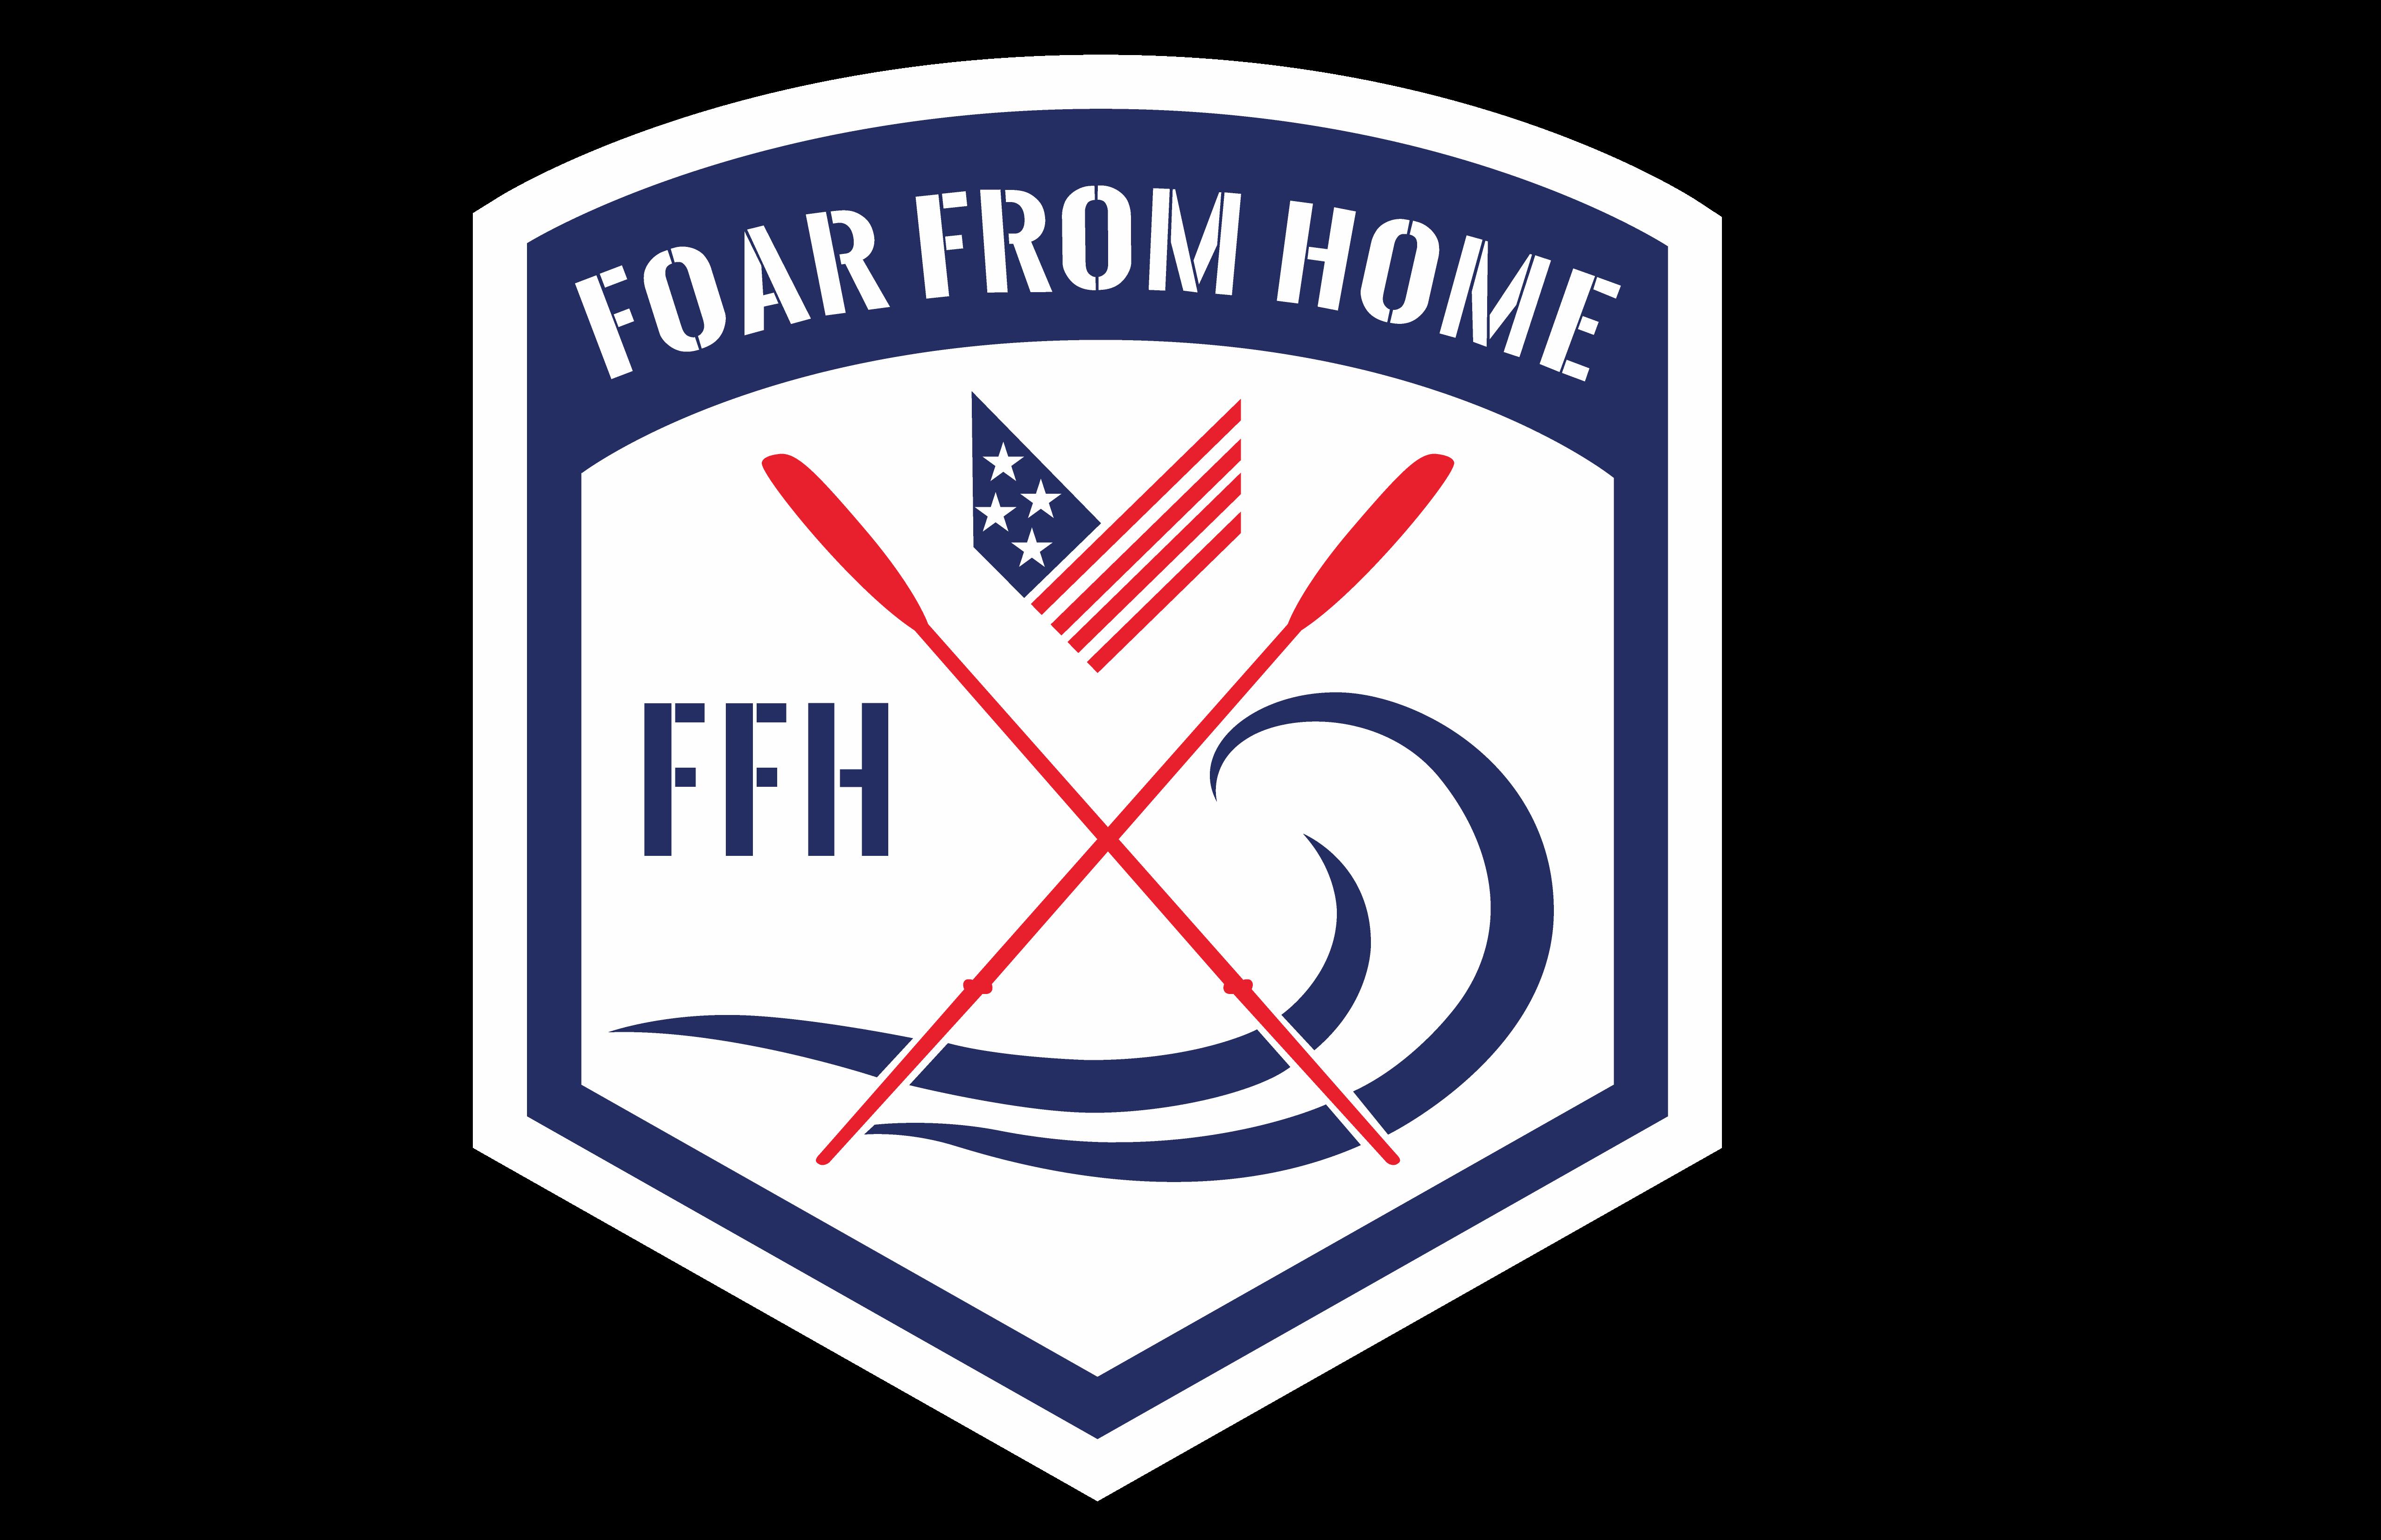 FoarFromHome